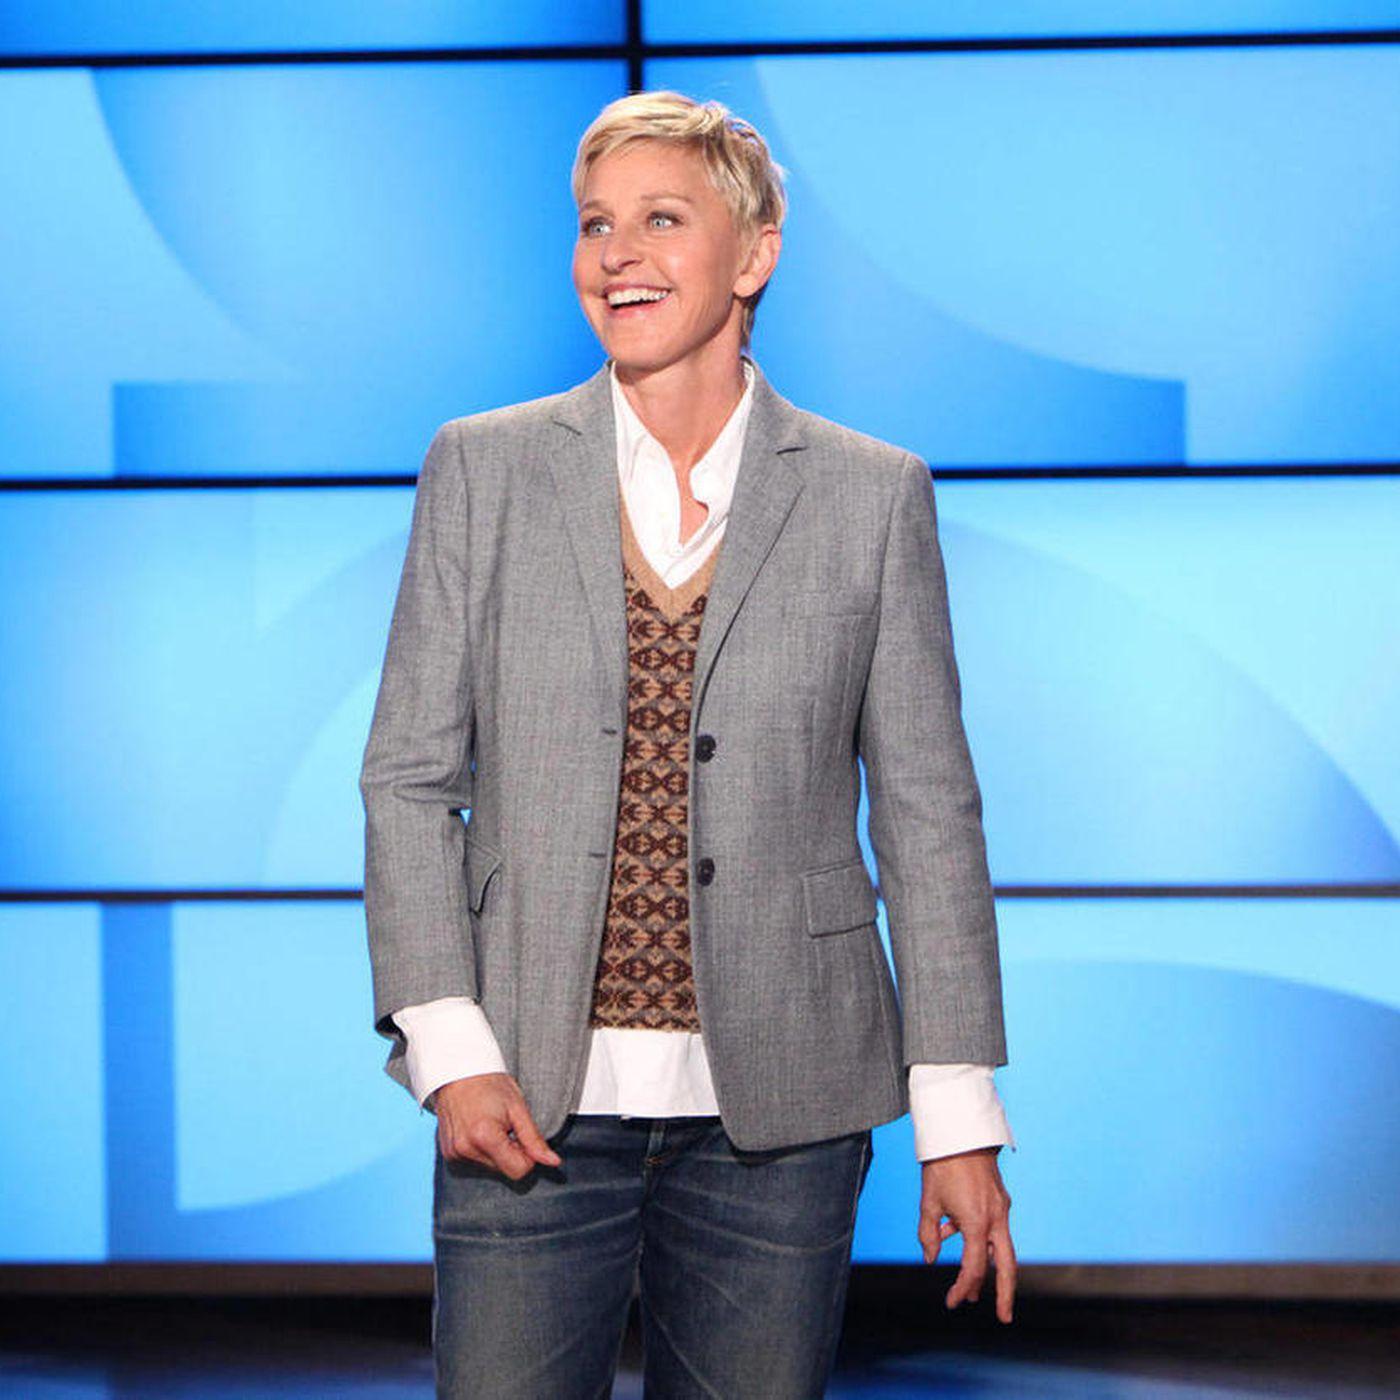 Ellen DeGeneres: Tiểu sử, cuộc đời cùng những đóng góp nổi bật cho nền văn hóa Mỹ